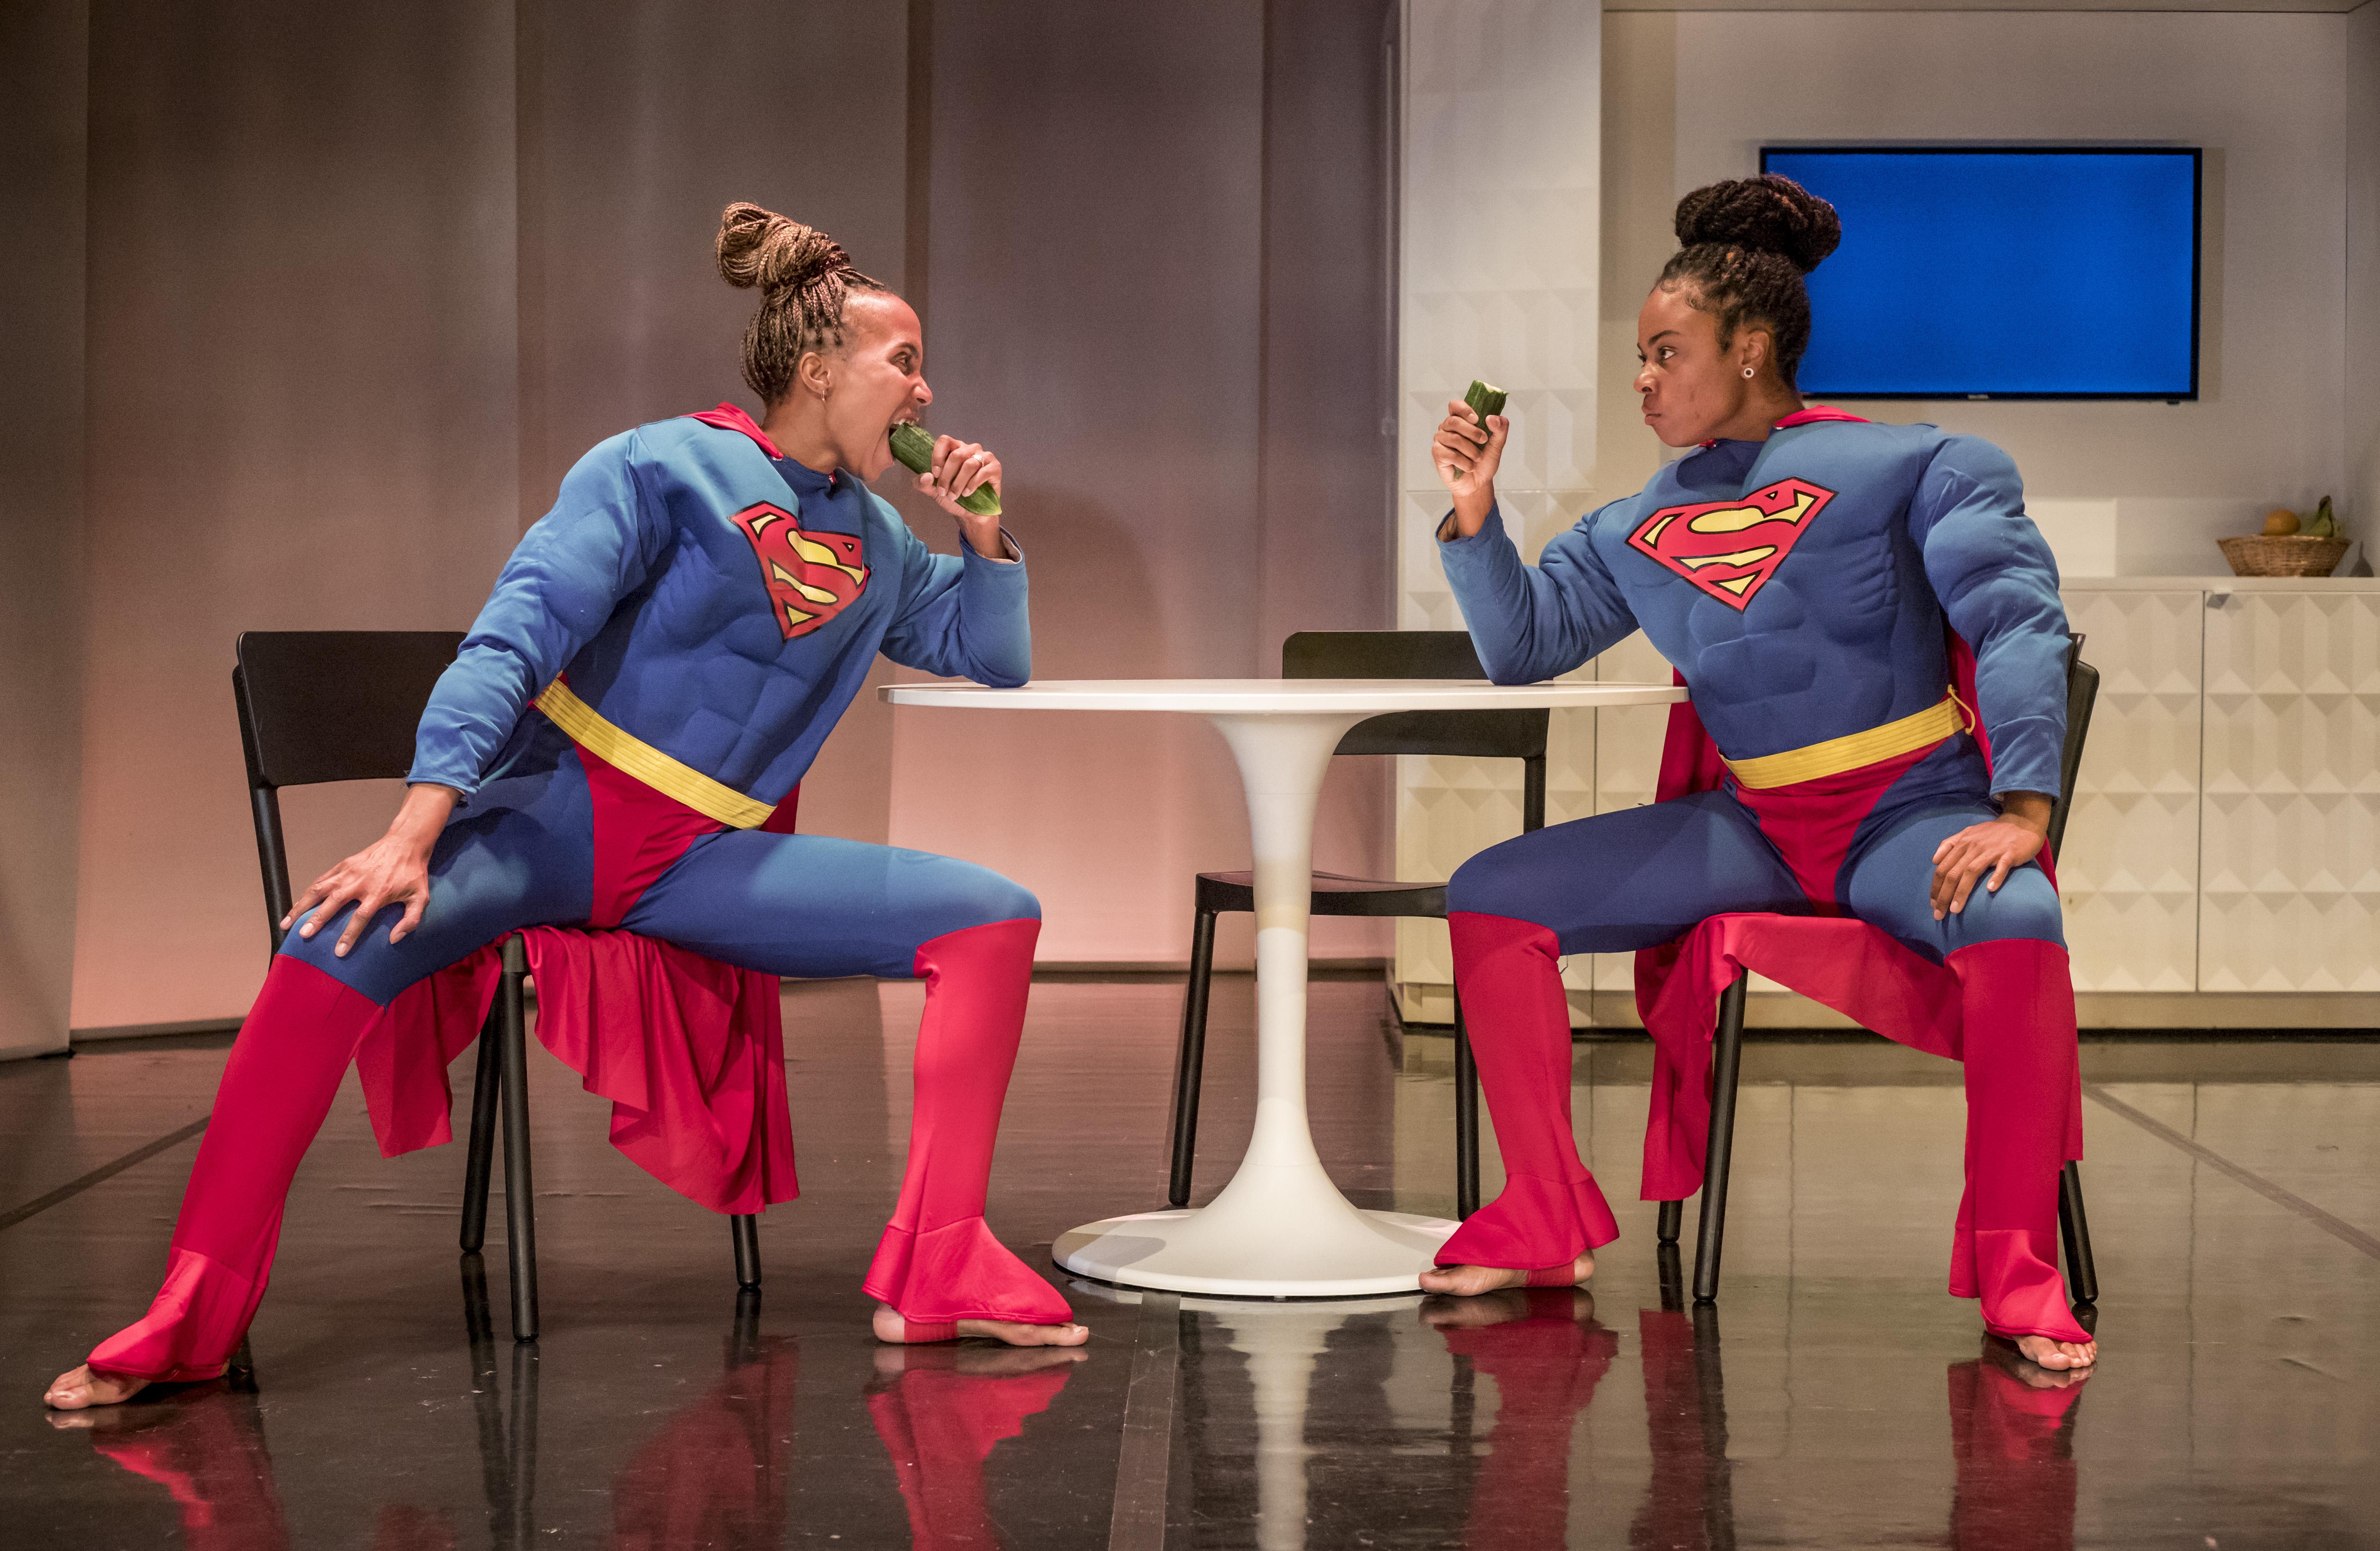 Dionne en Ritzah gaan op zoek naar evenwicht tussen mannelijkheid en vrouwelijkheid. (Foto: aangeleverd)